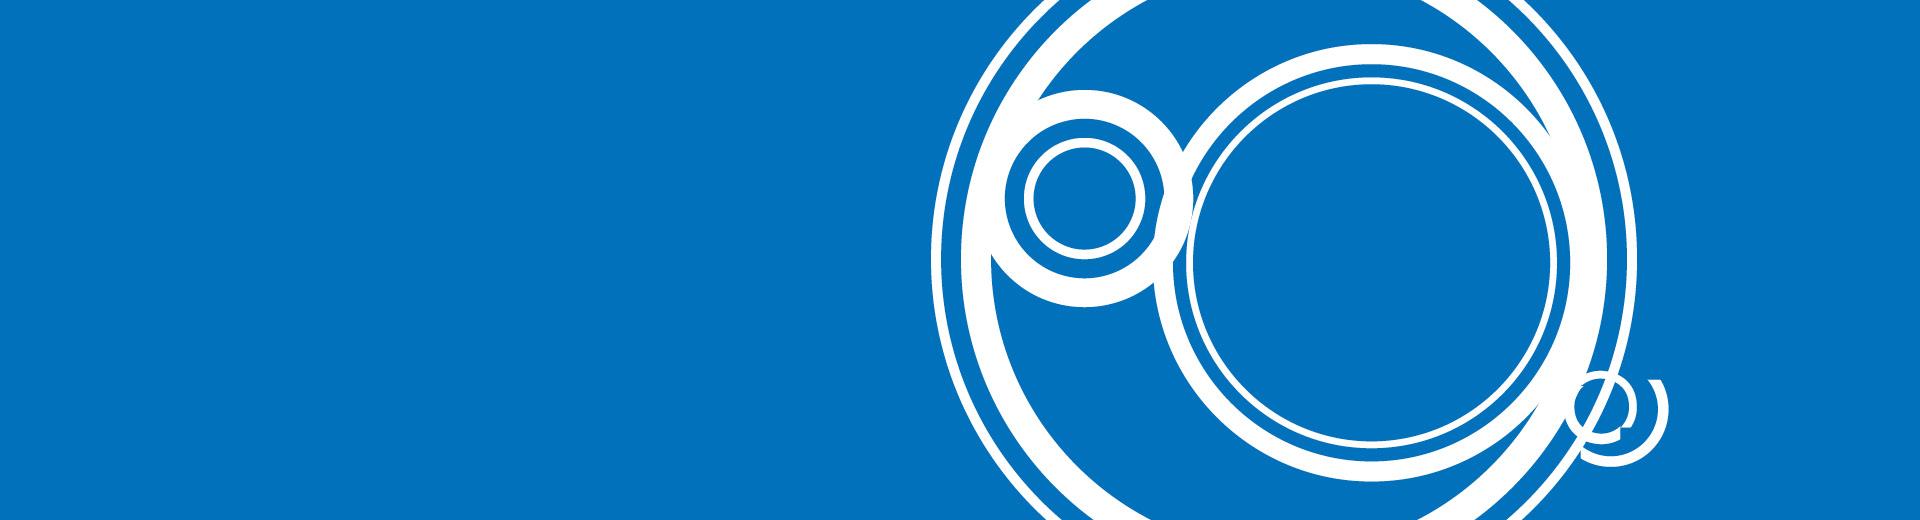 Forum Comunicazione Cdo _ Relatori imprenditore e community